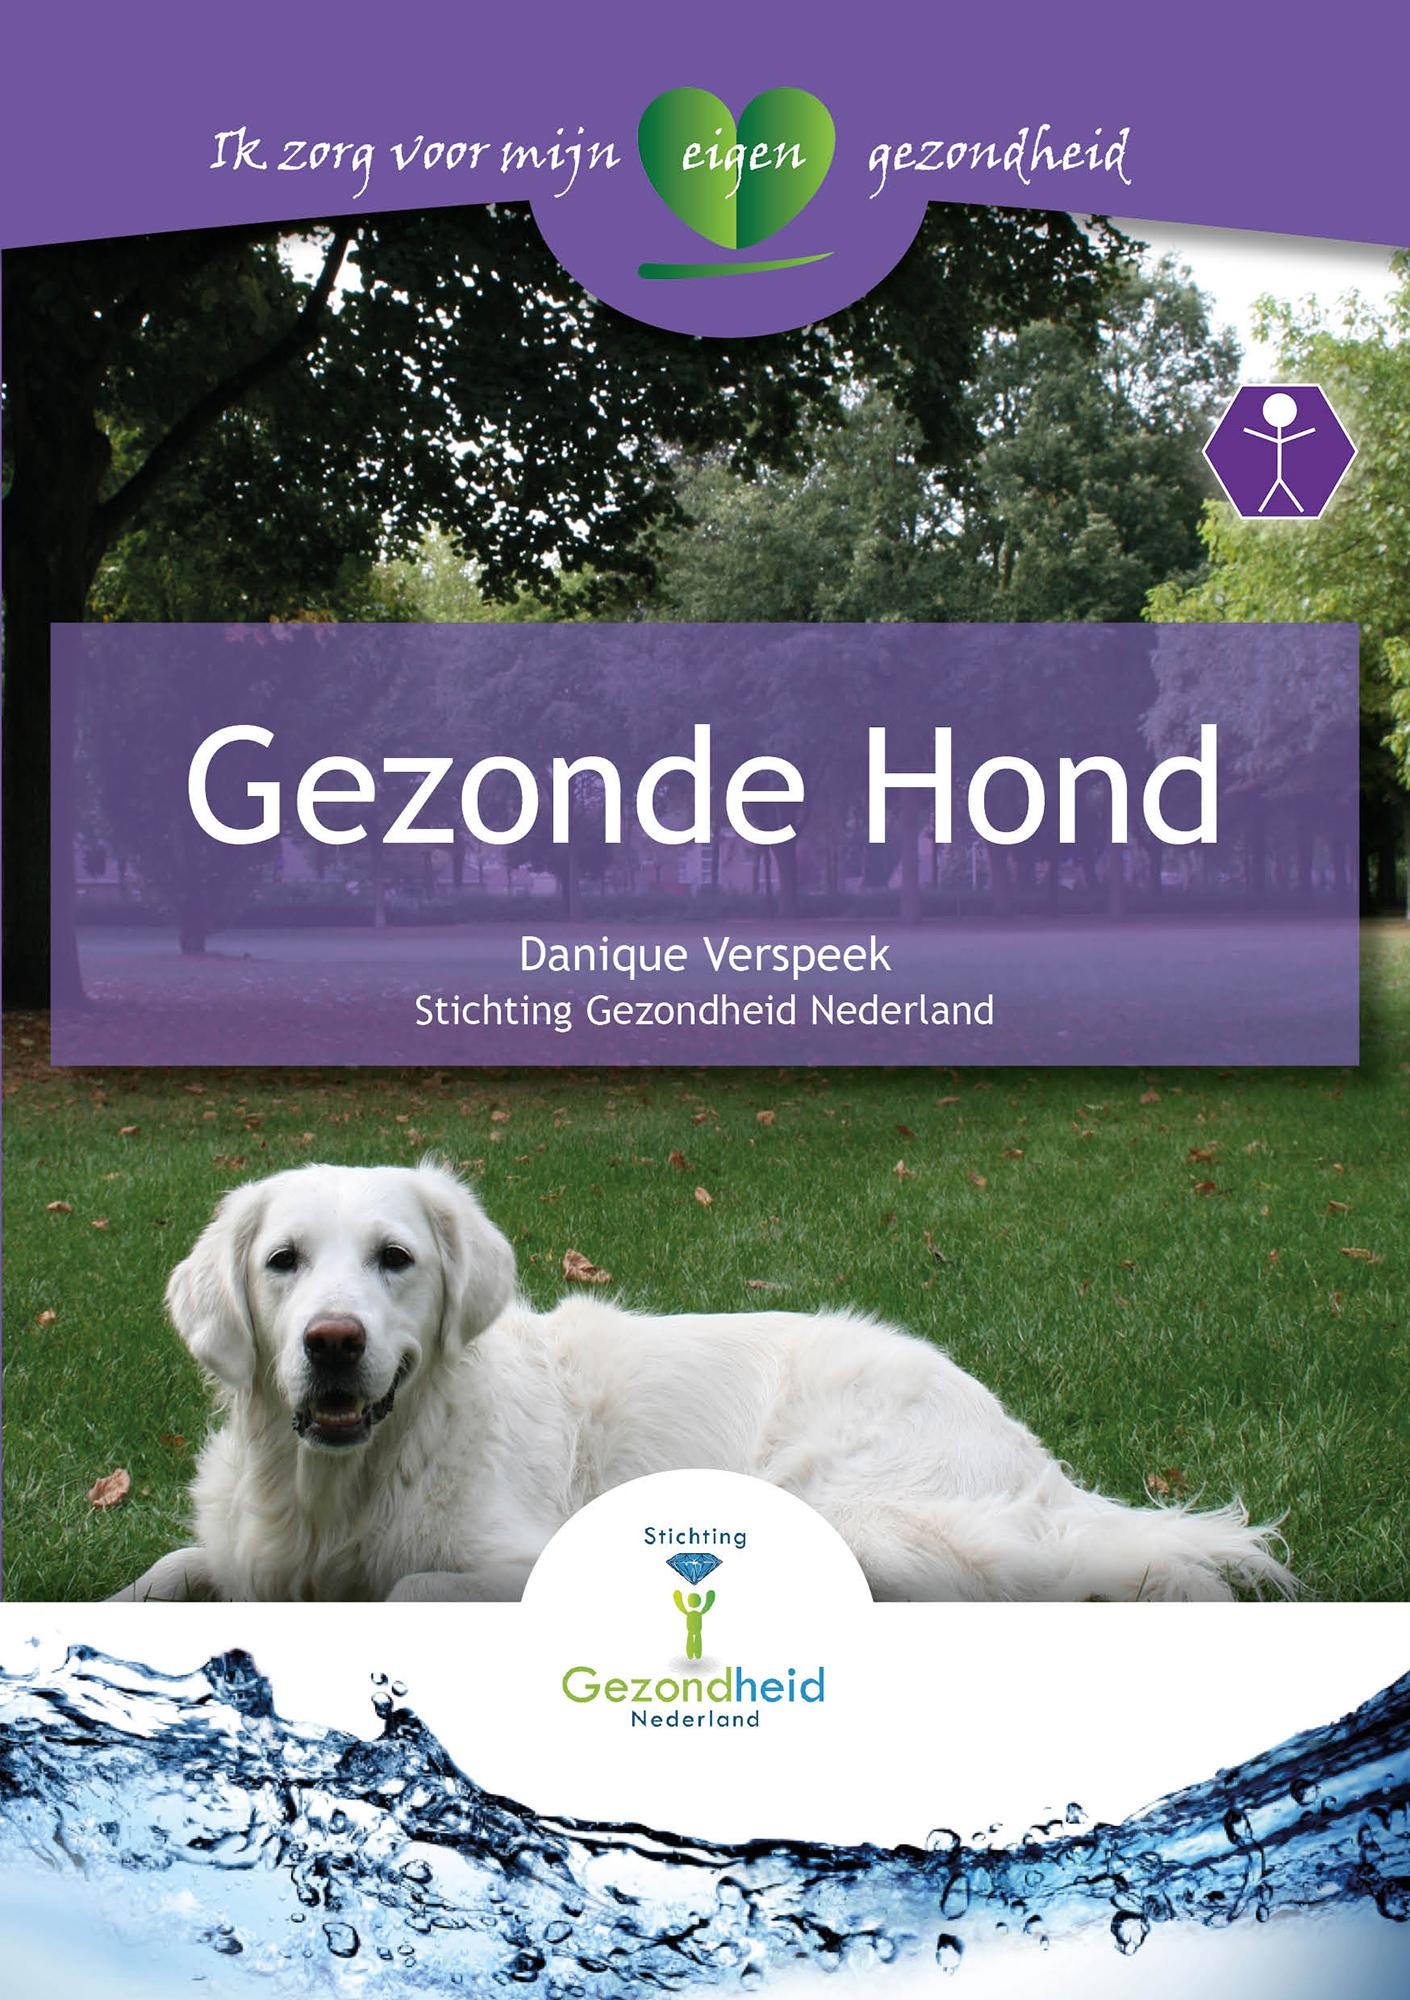 Gezonde Hond